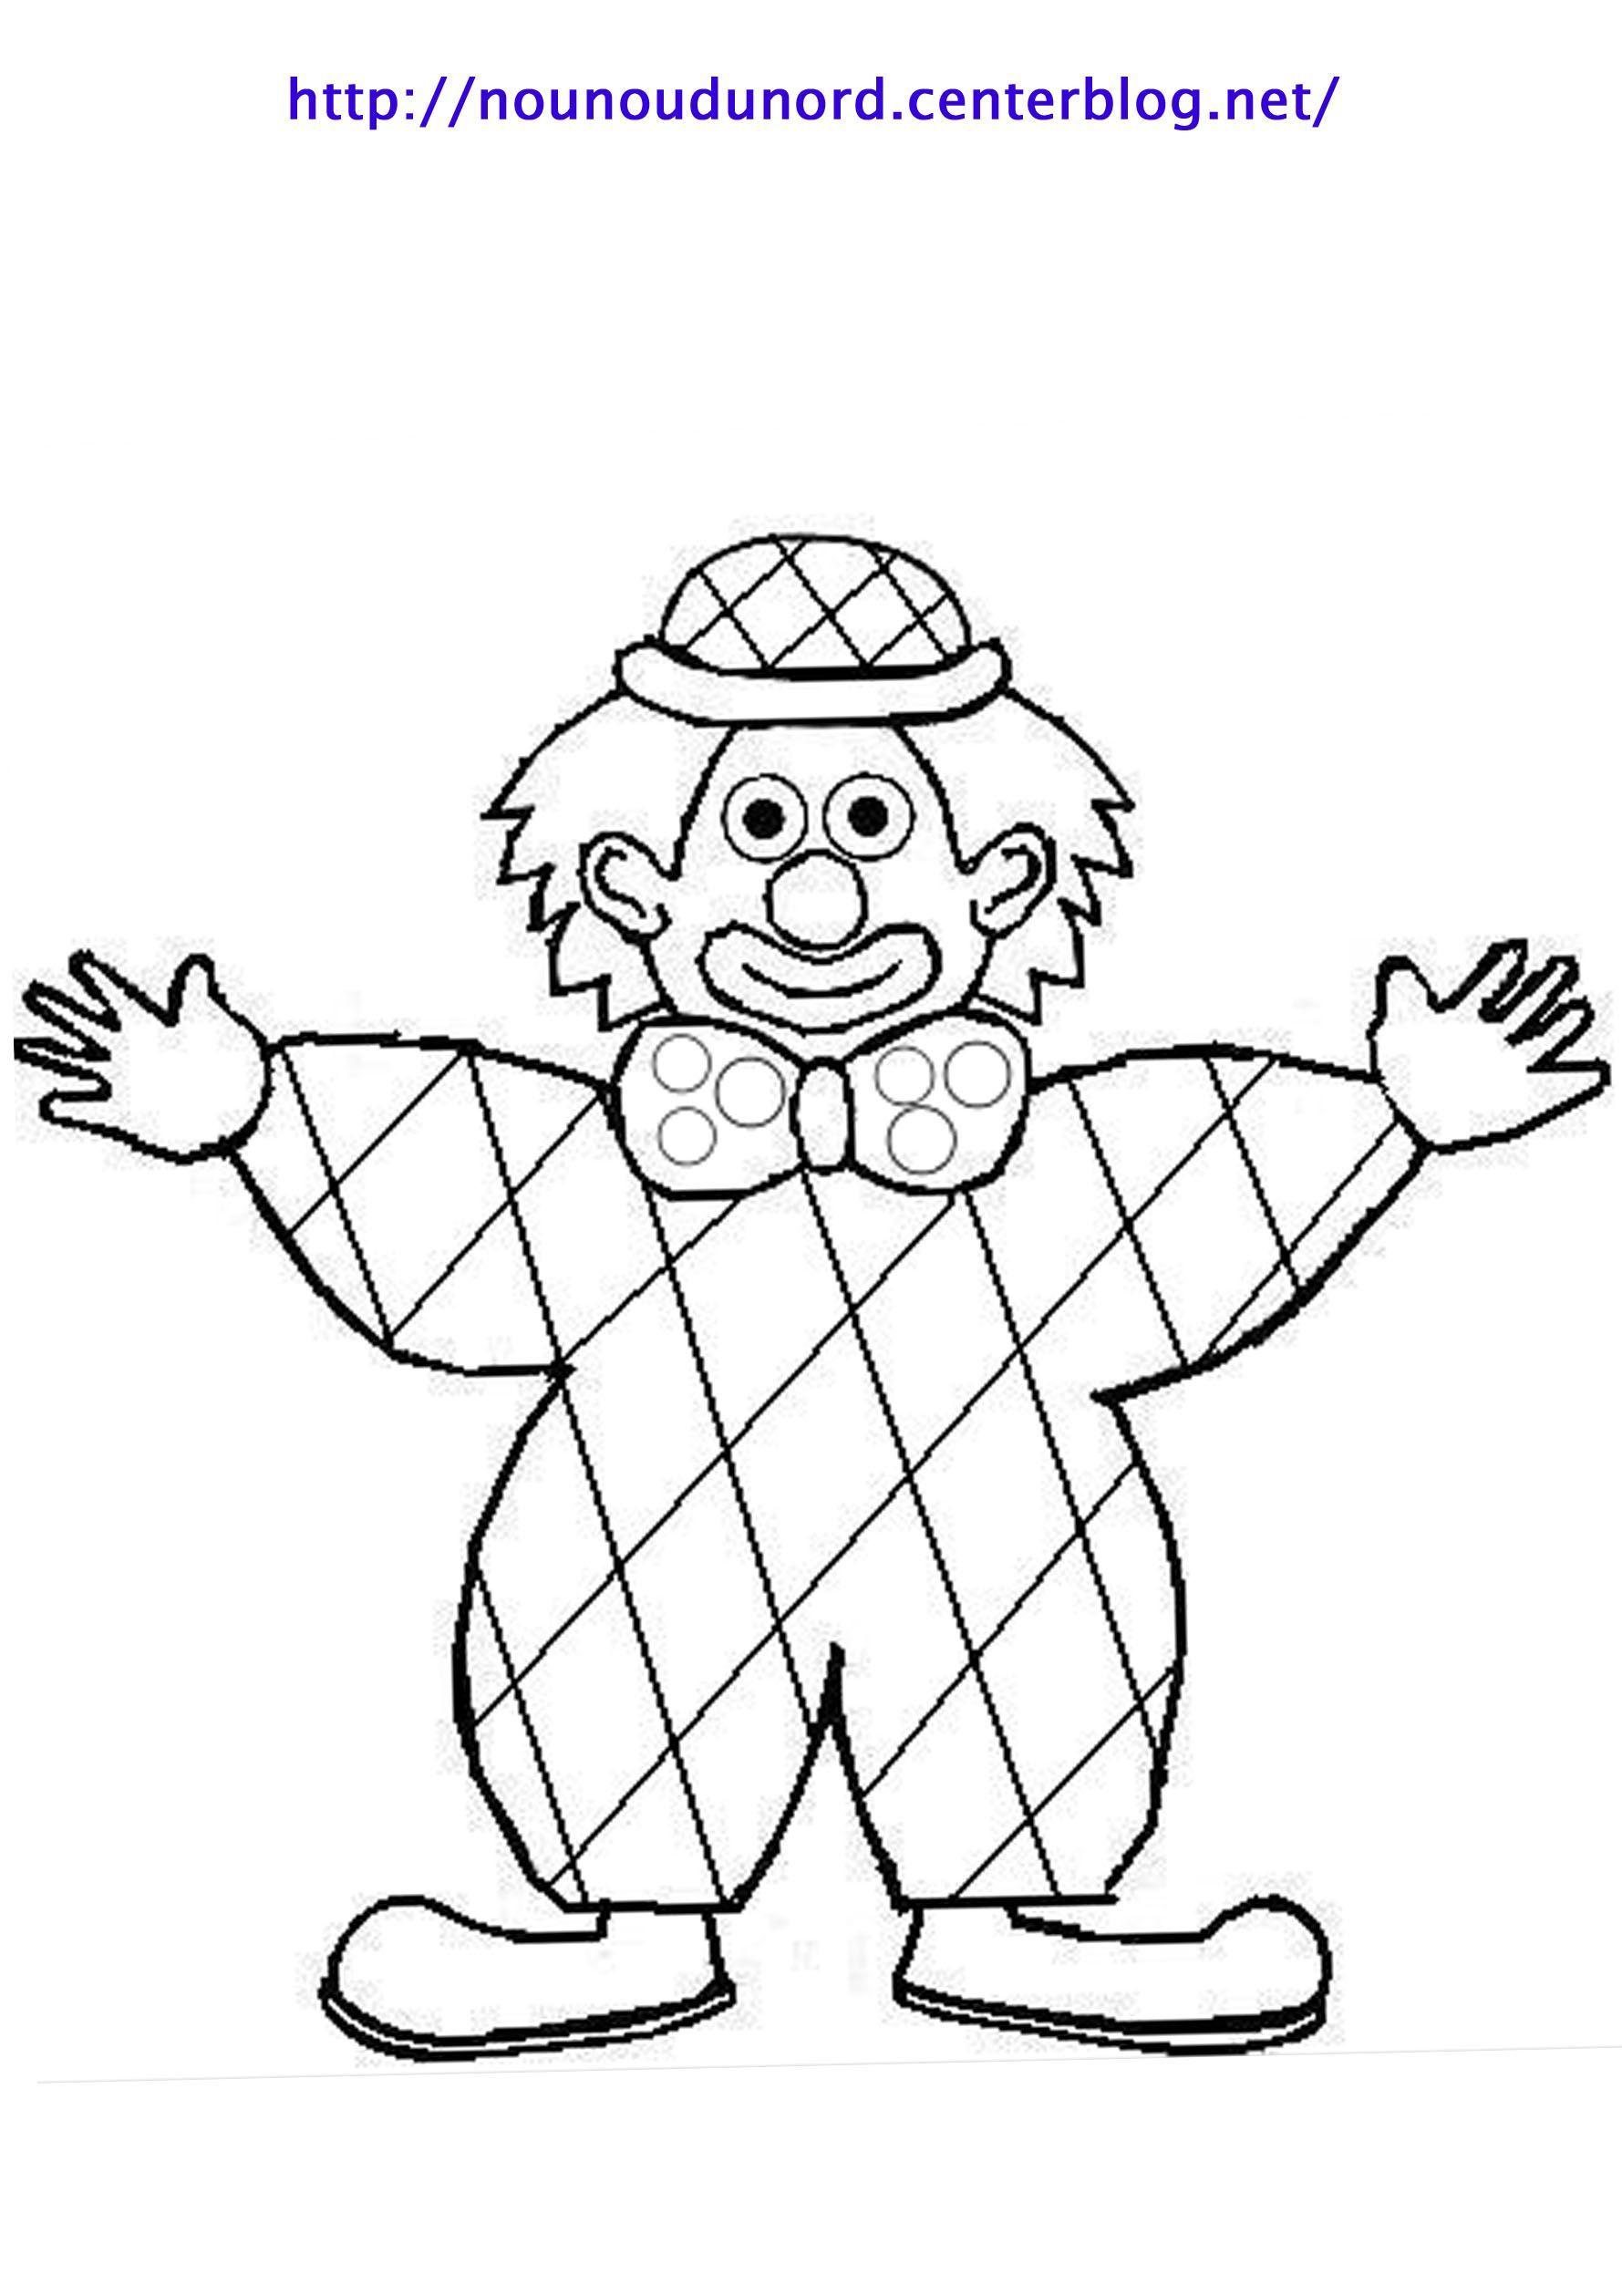 Coloriage Clown Arlequin Dessiné Par Nounoudunord à Arlequin A Colorier